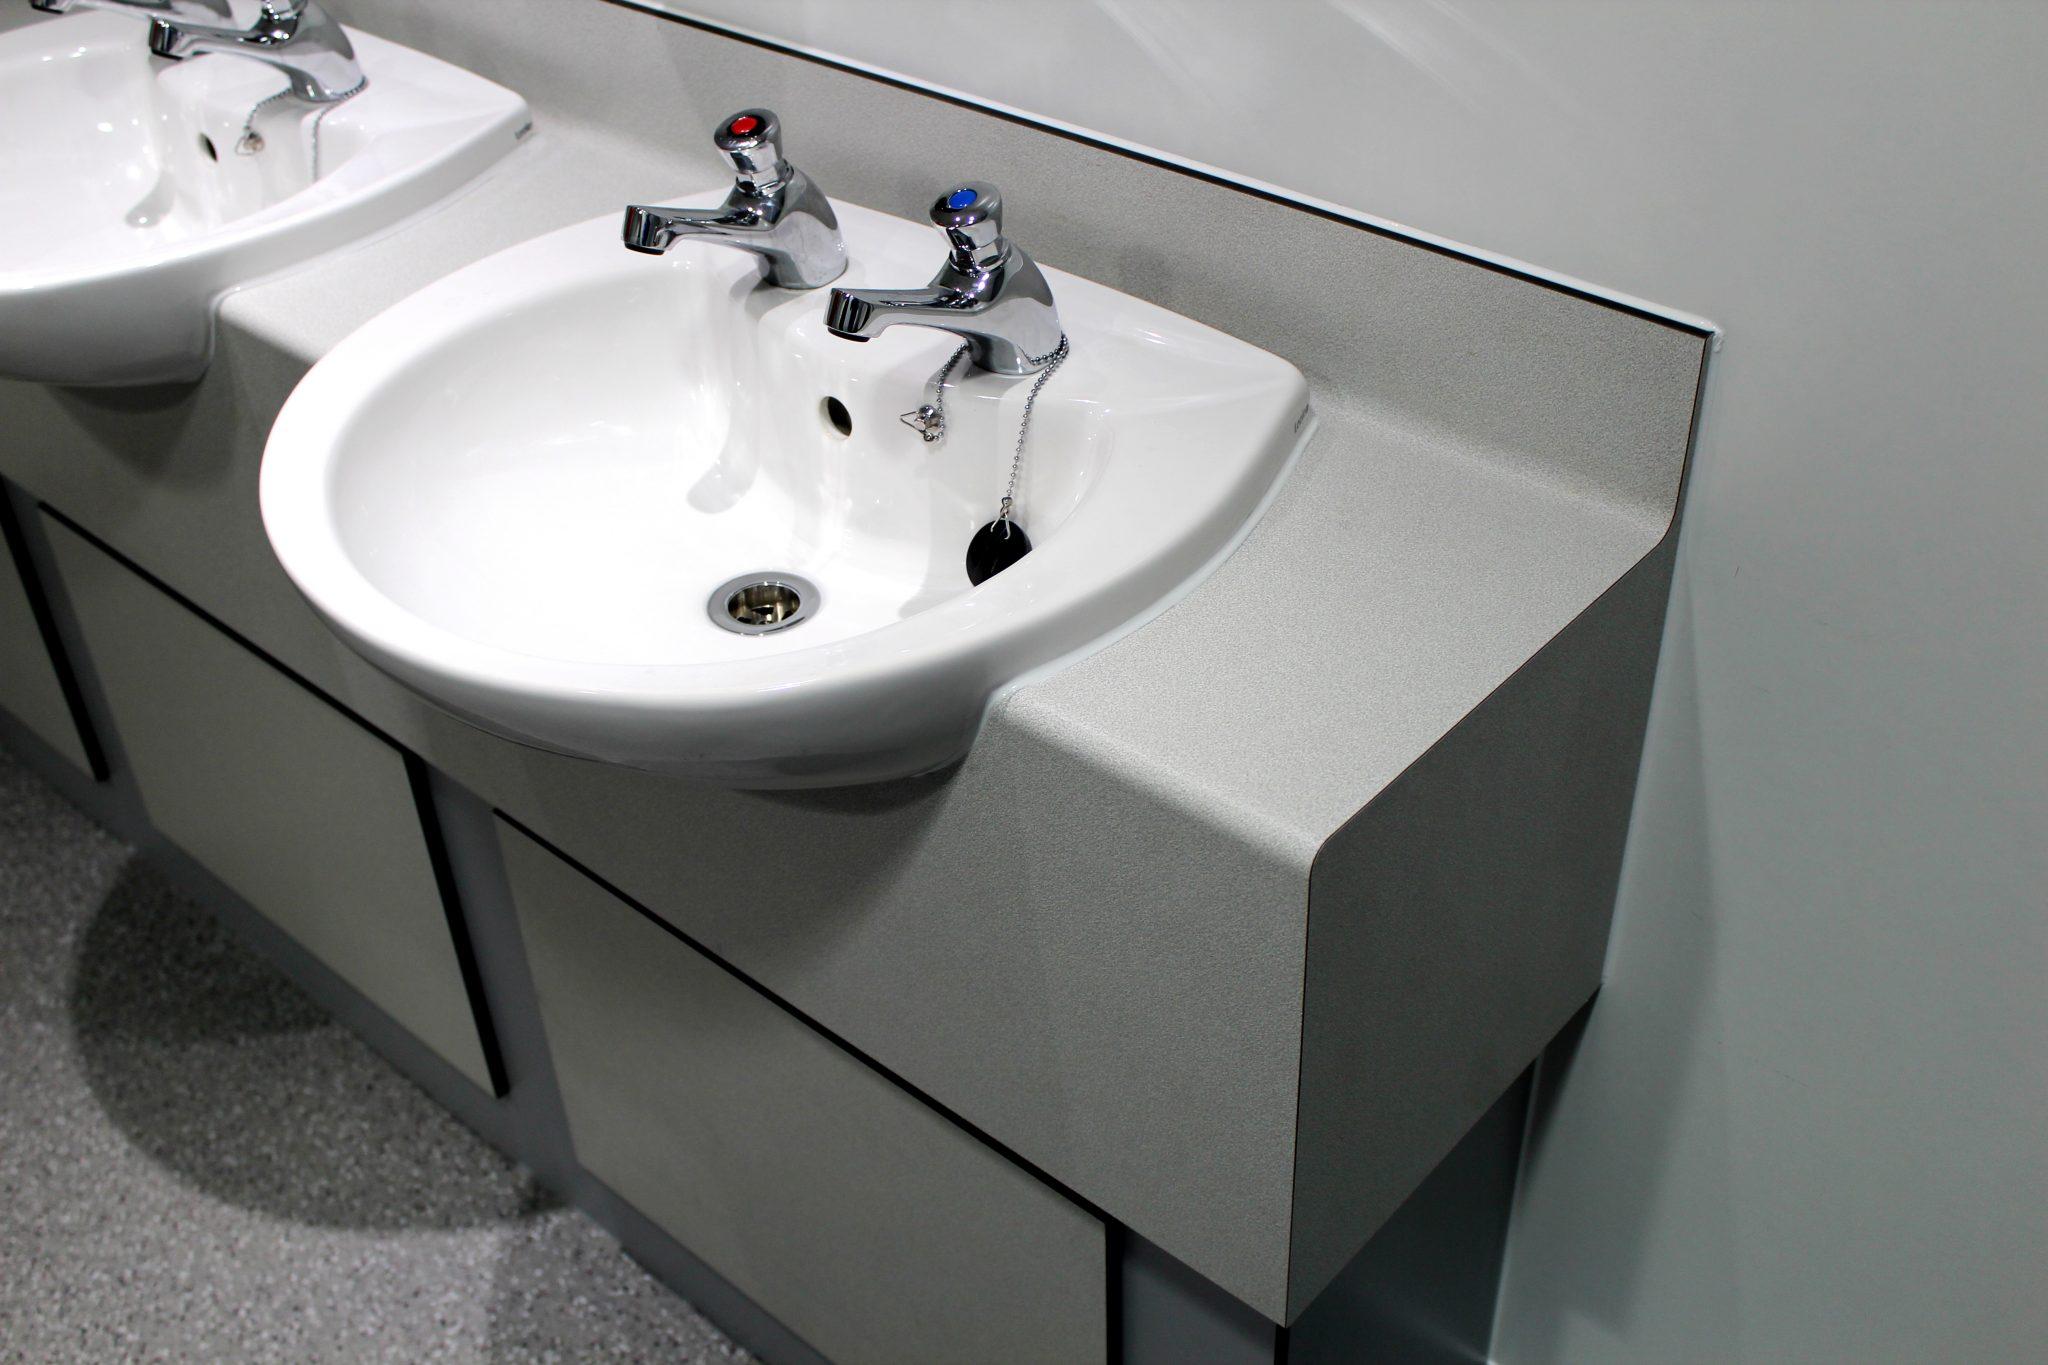 University Washrooms